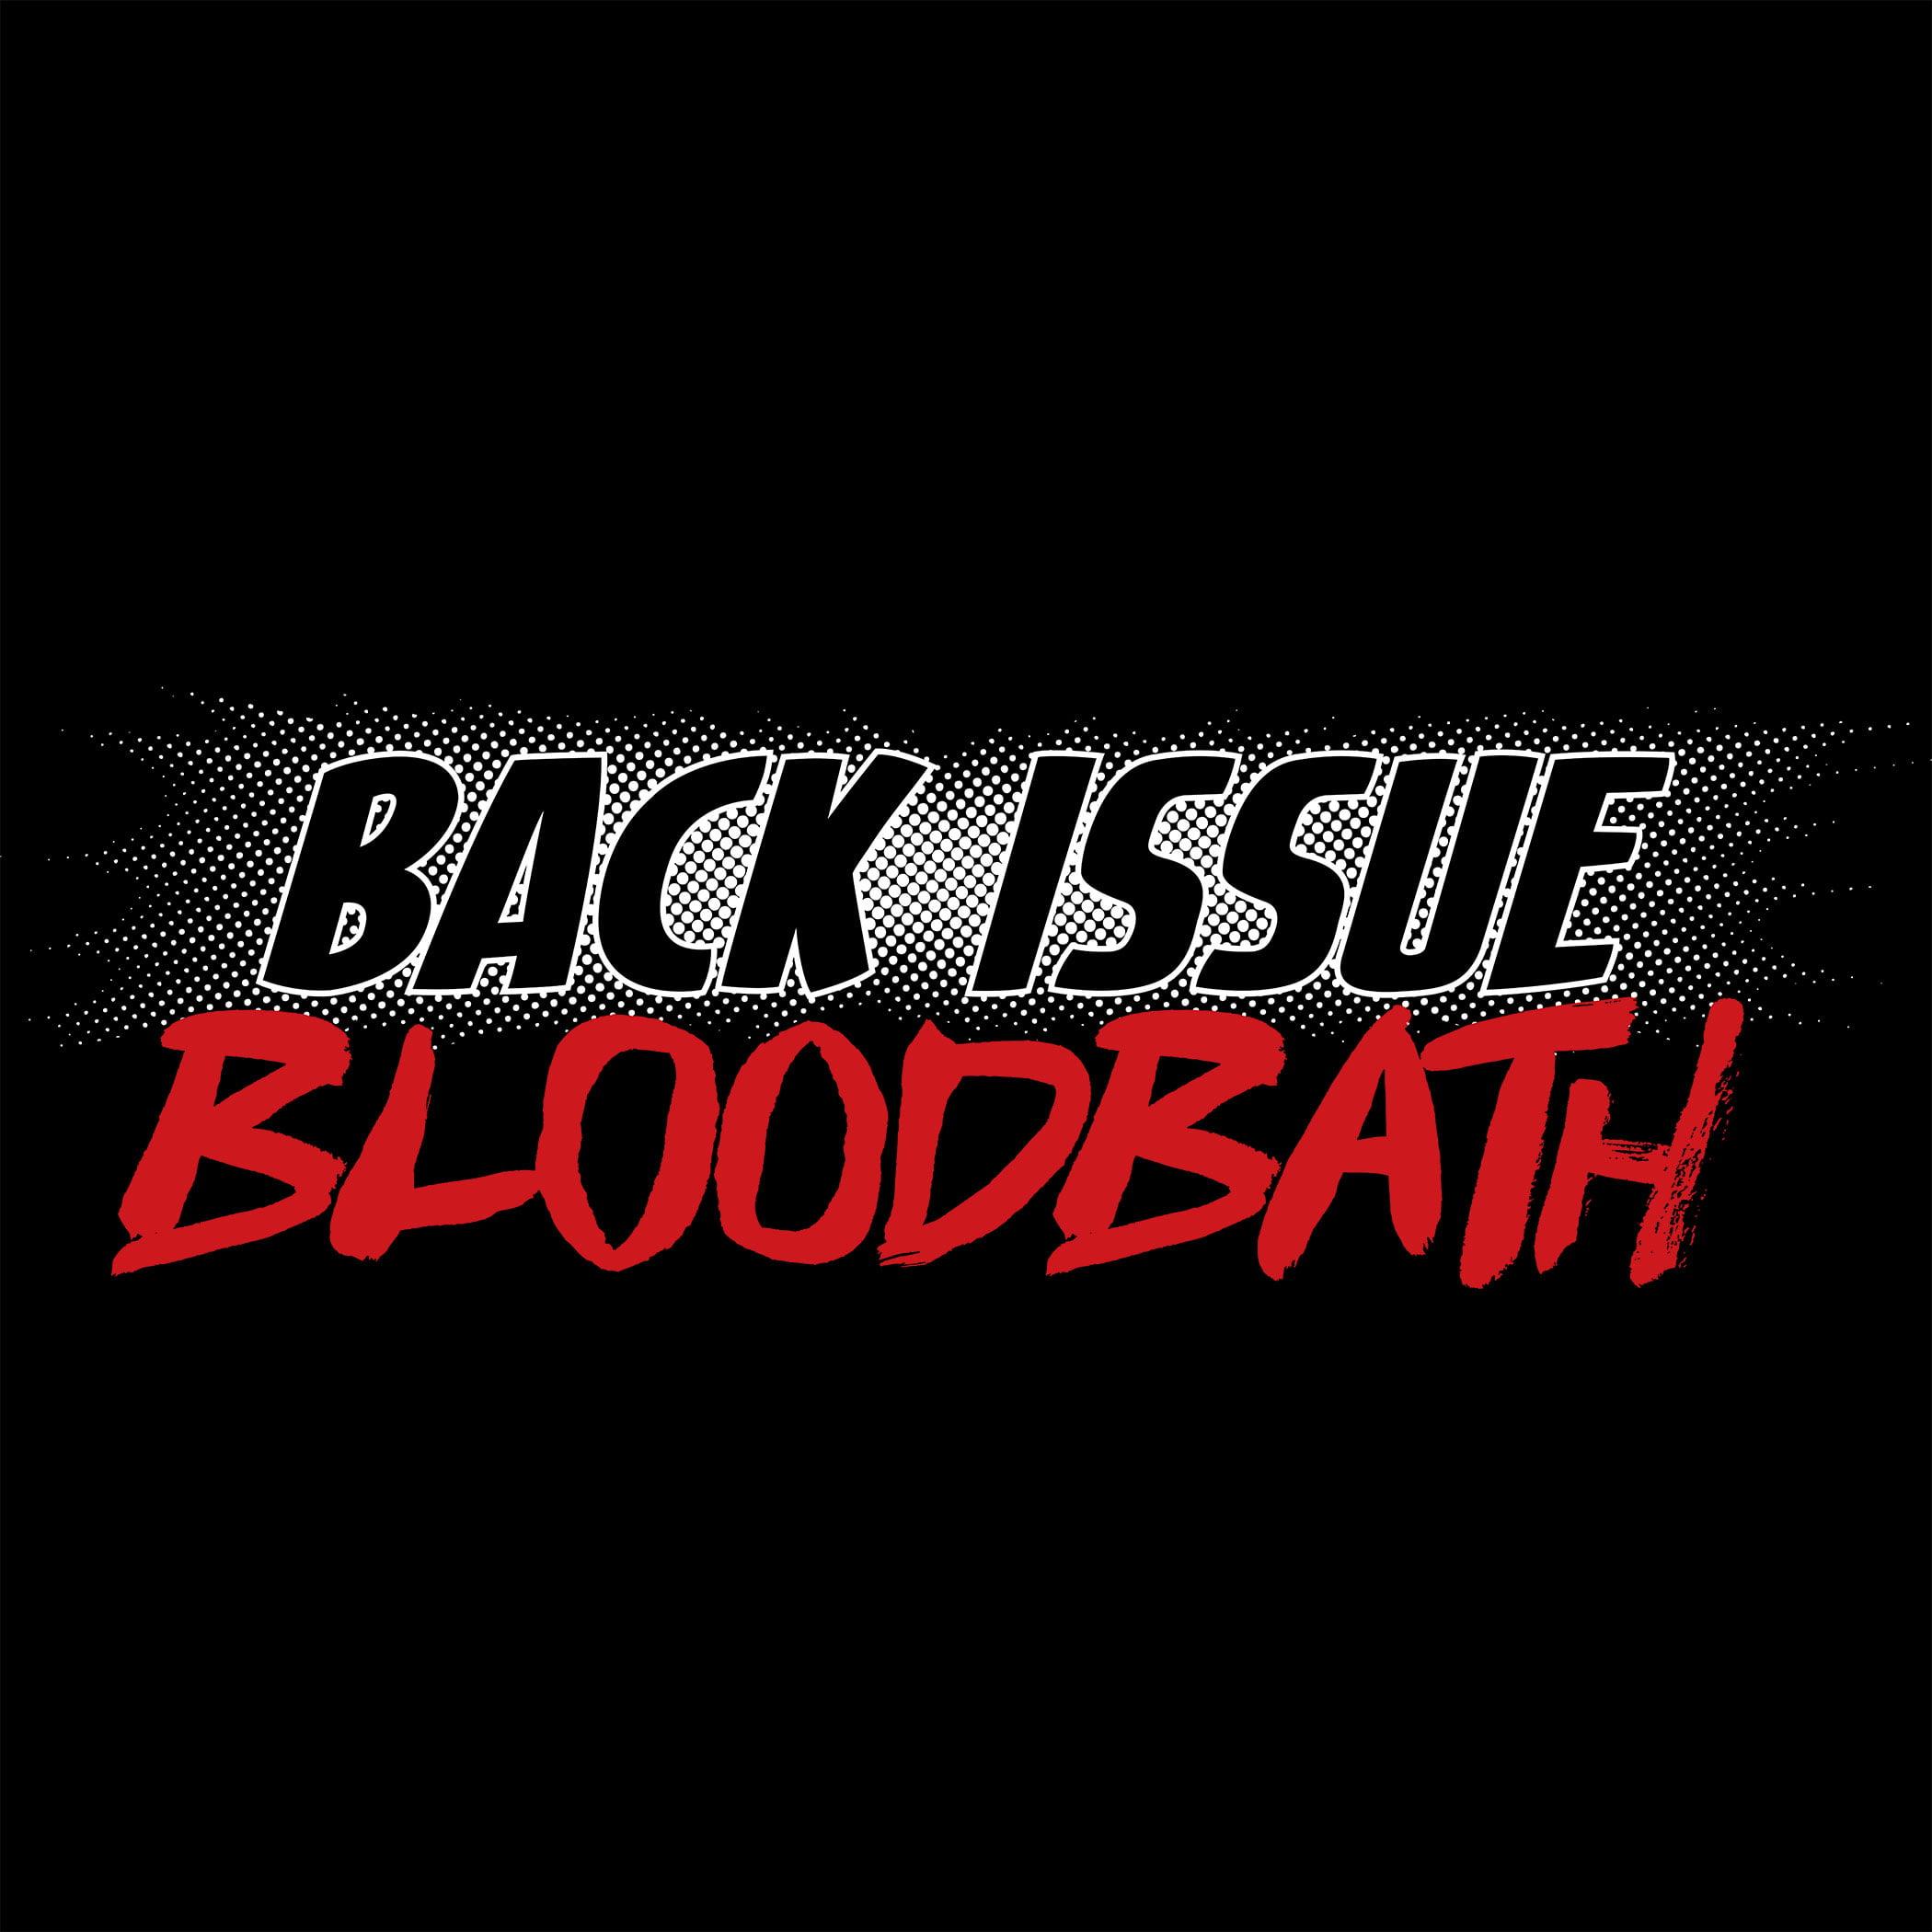 Back Issue Bloodbath | Geek Hard